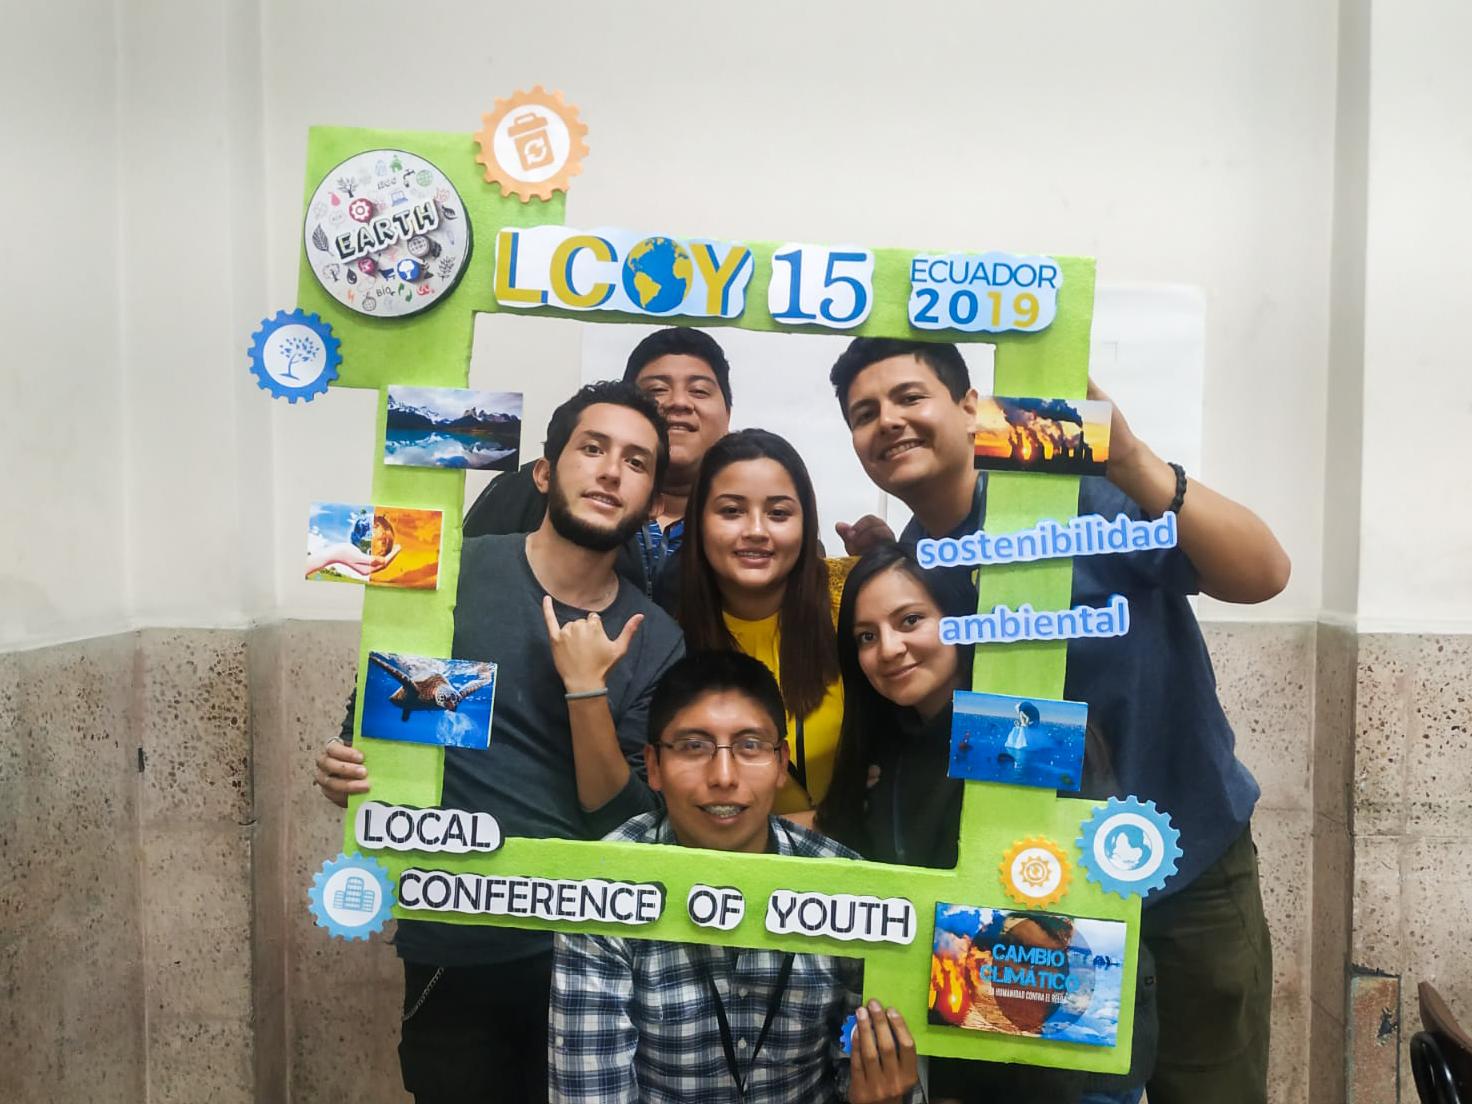 Conferencia local de la juventud generará propuestas frente al cambio climático 2